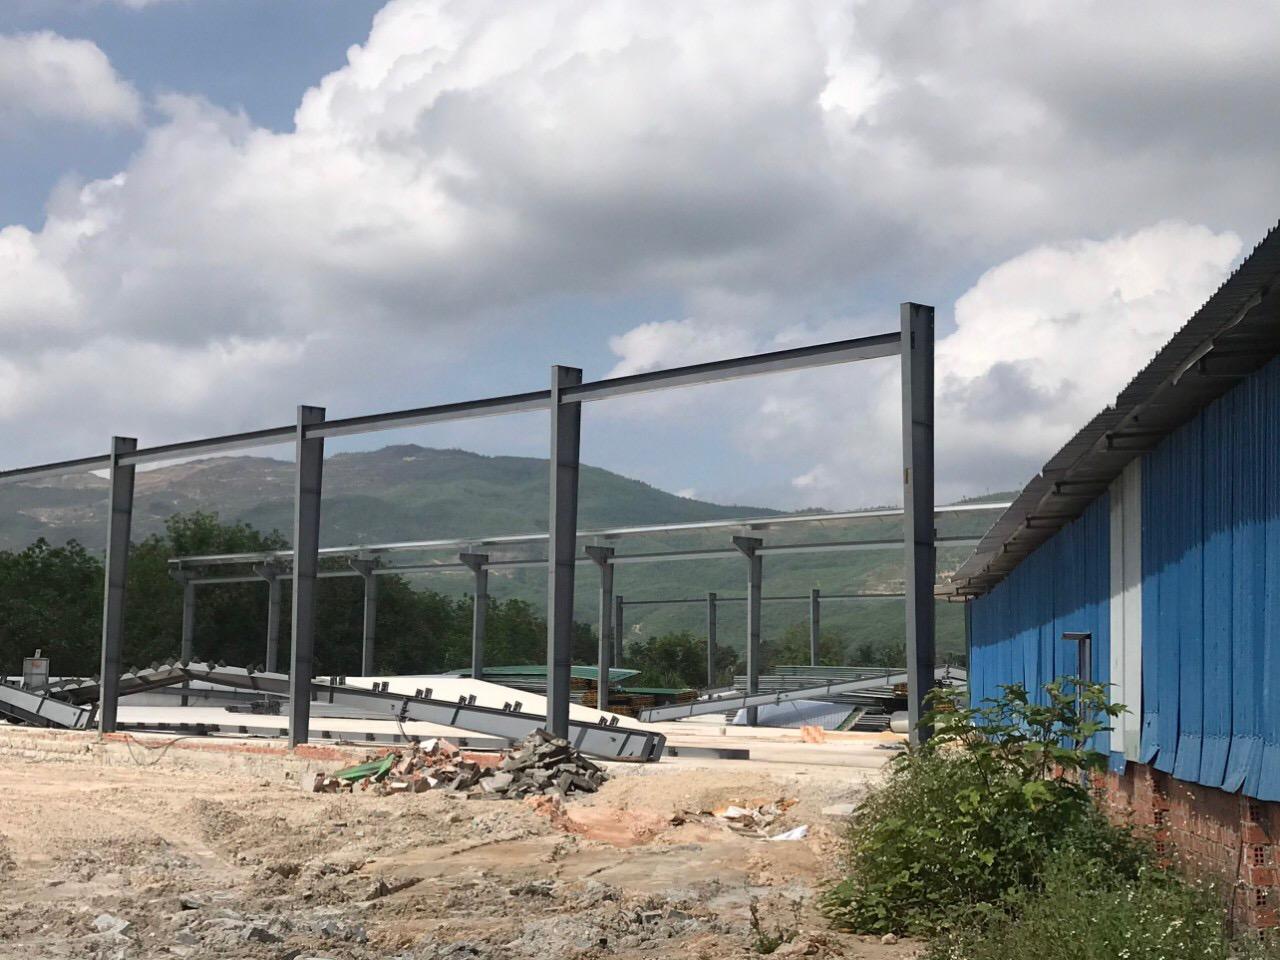 Hàng nghìn mét vuông xây dựng trái phép của Công ty TNHH Phúc Linh tại KCN Long Mỹ vẫn chưa được giải quyết dứt điểm